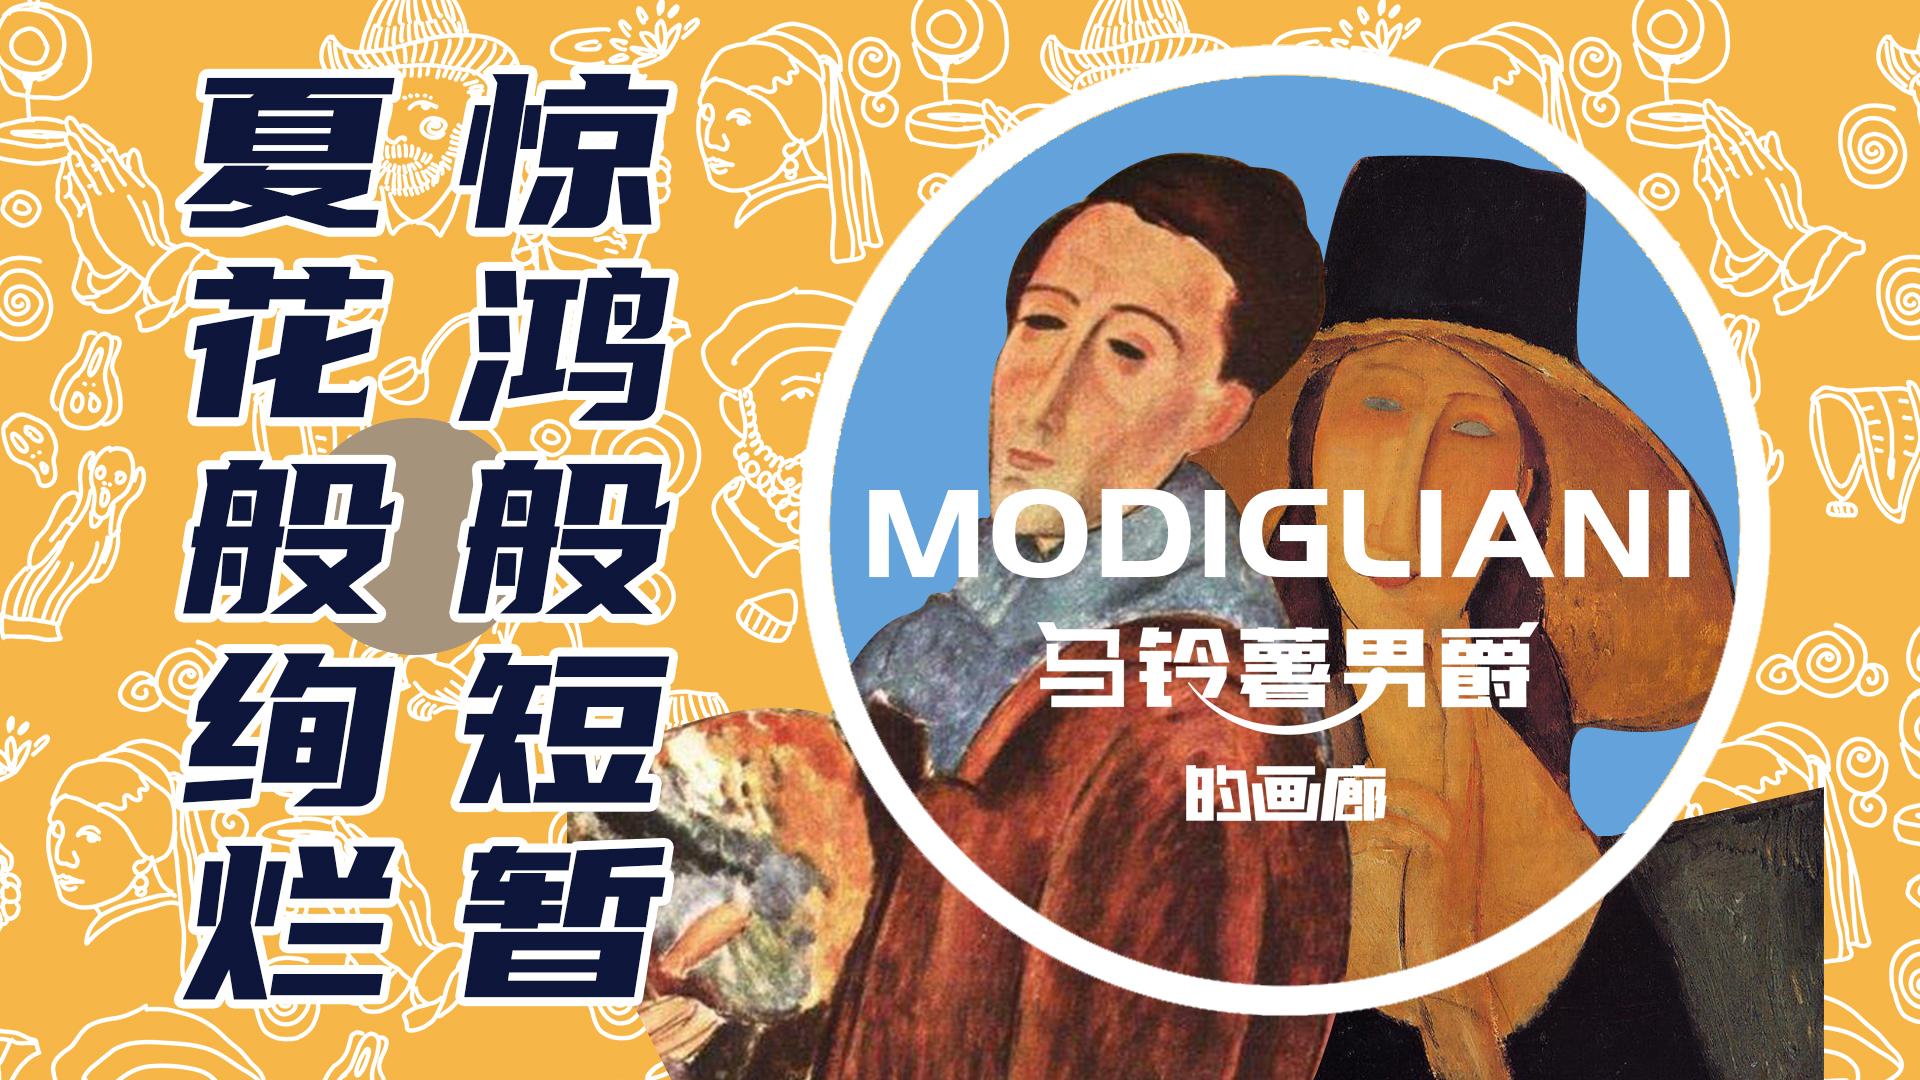 【男爵画廊】惊鸿般短暂,夏花般绚烂——莫迪里阿尼